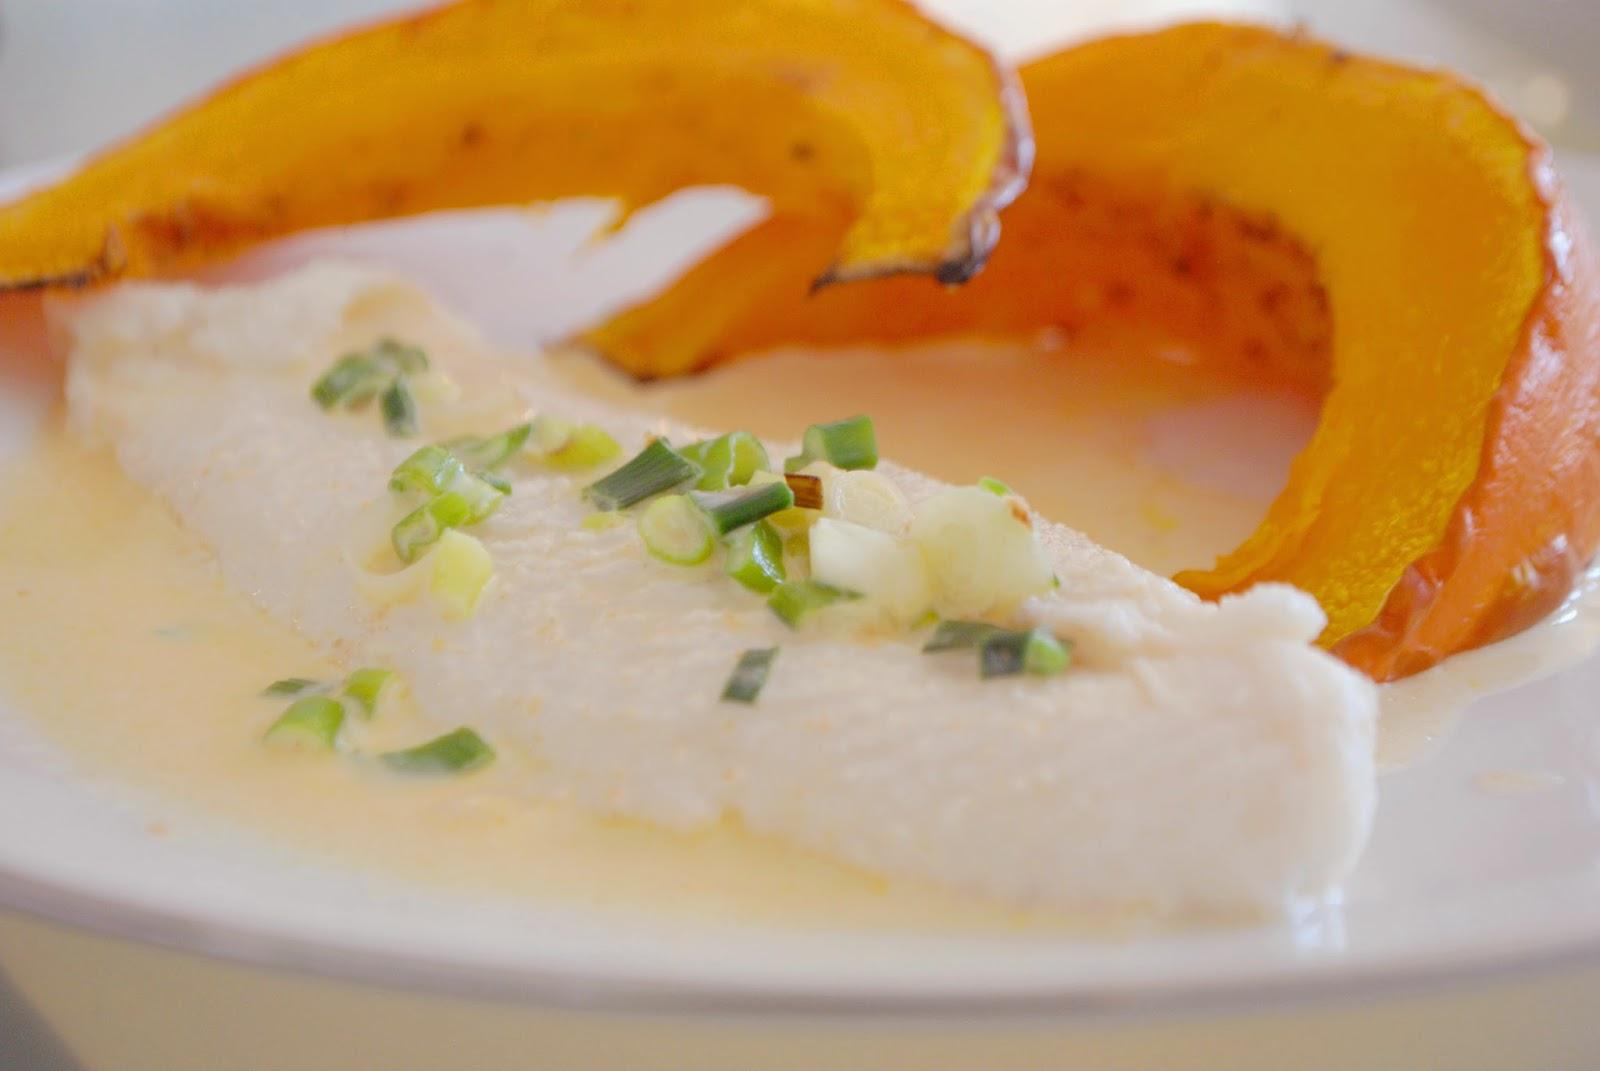 Kürbis im Ofen mit Fisch und Soße